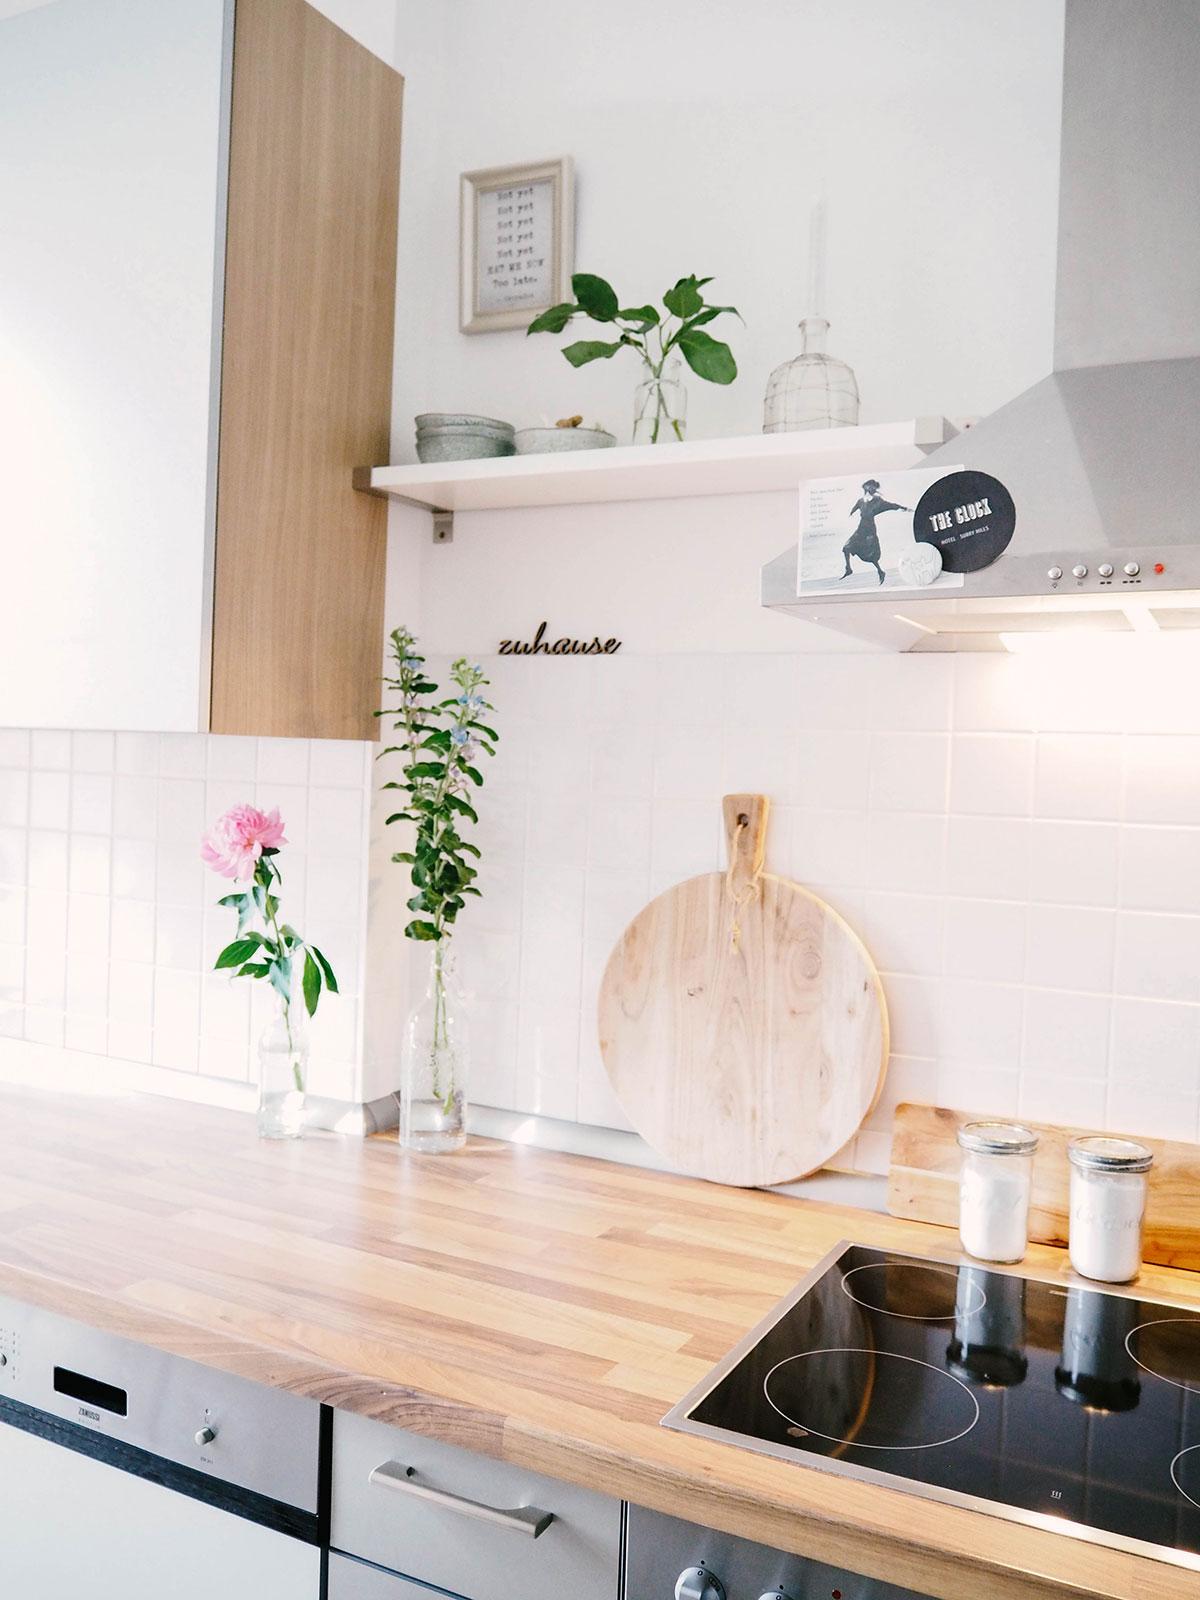 Nett Küchen Irland Galway Bilder - Küche Set Ideen - deriherusweets.info